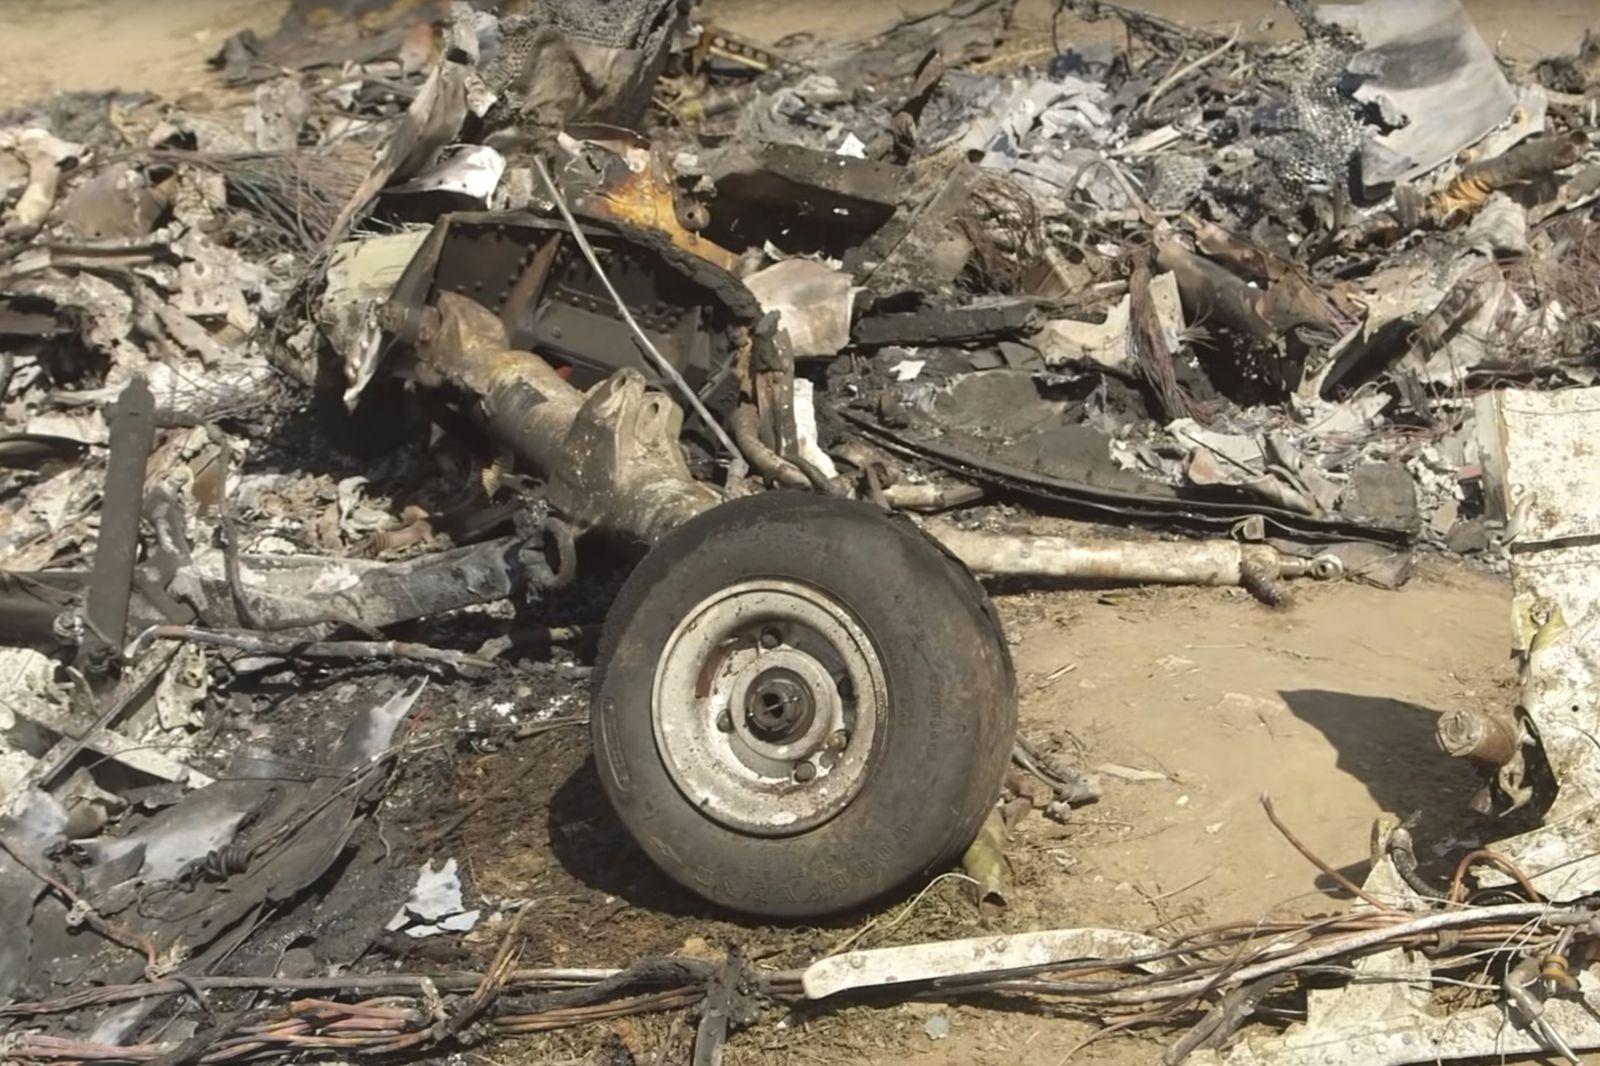 Zlyhanie motora nespôsobilo pád helikoptéry s Kobem Bryantom a jeho dcérou. Aká alternatíva je najpravdepodobnejšia?